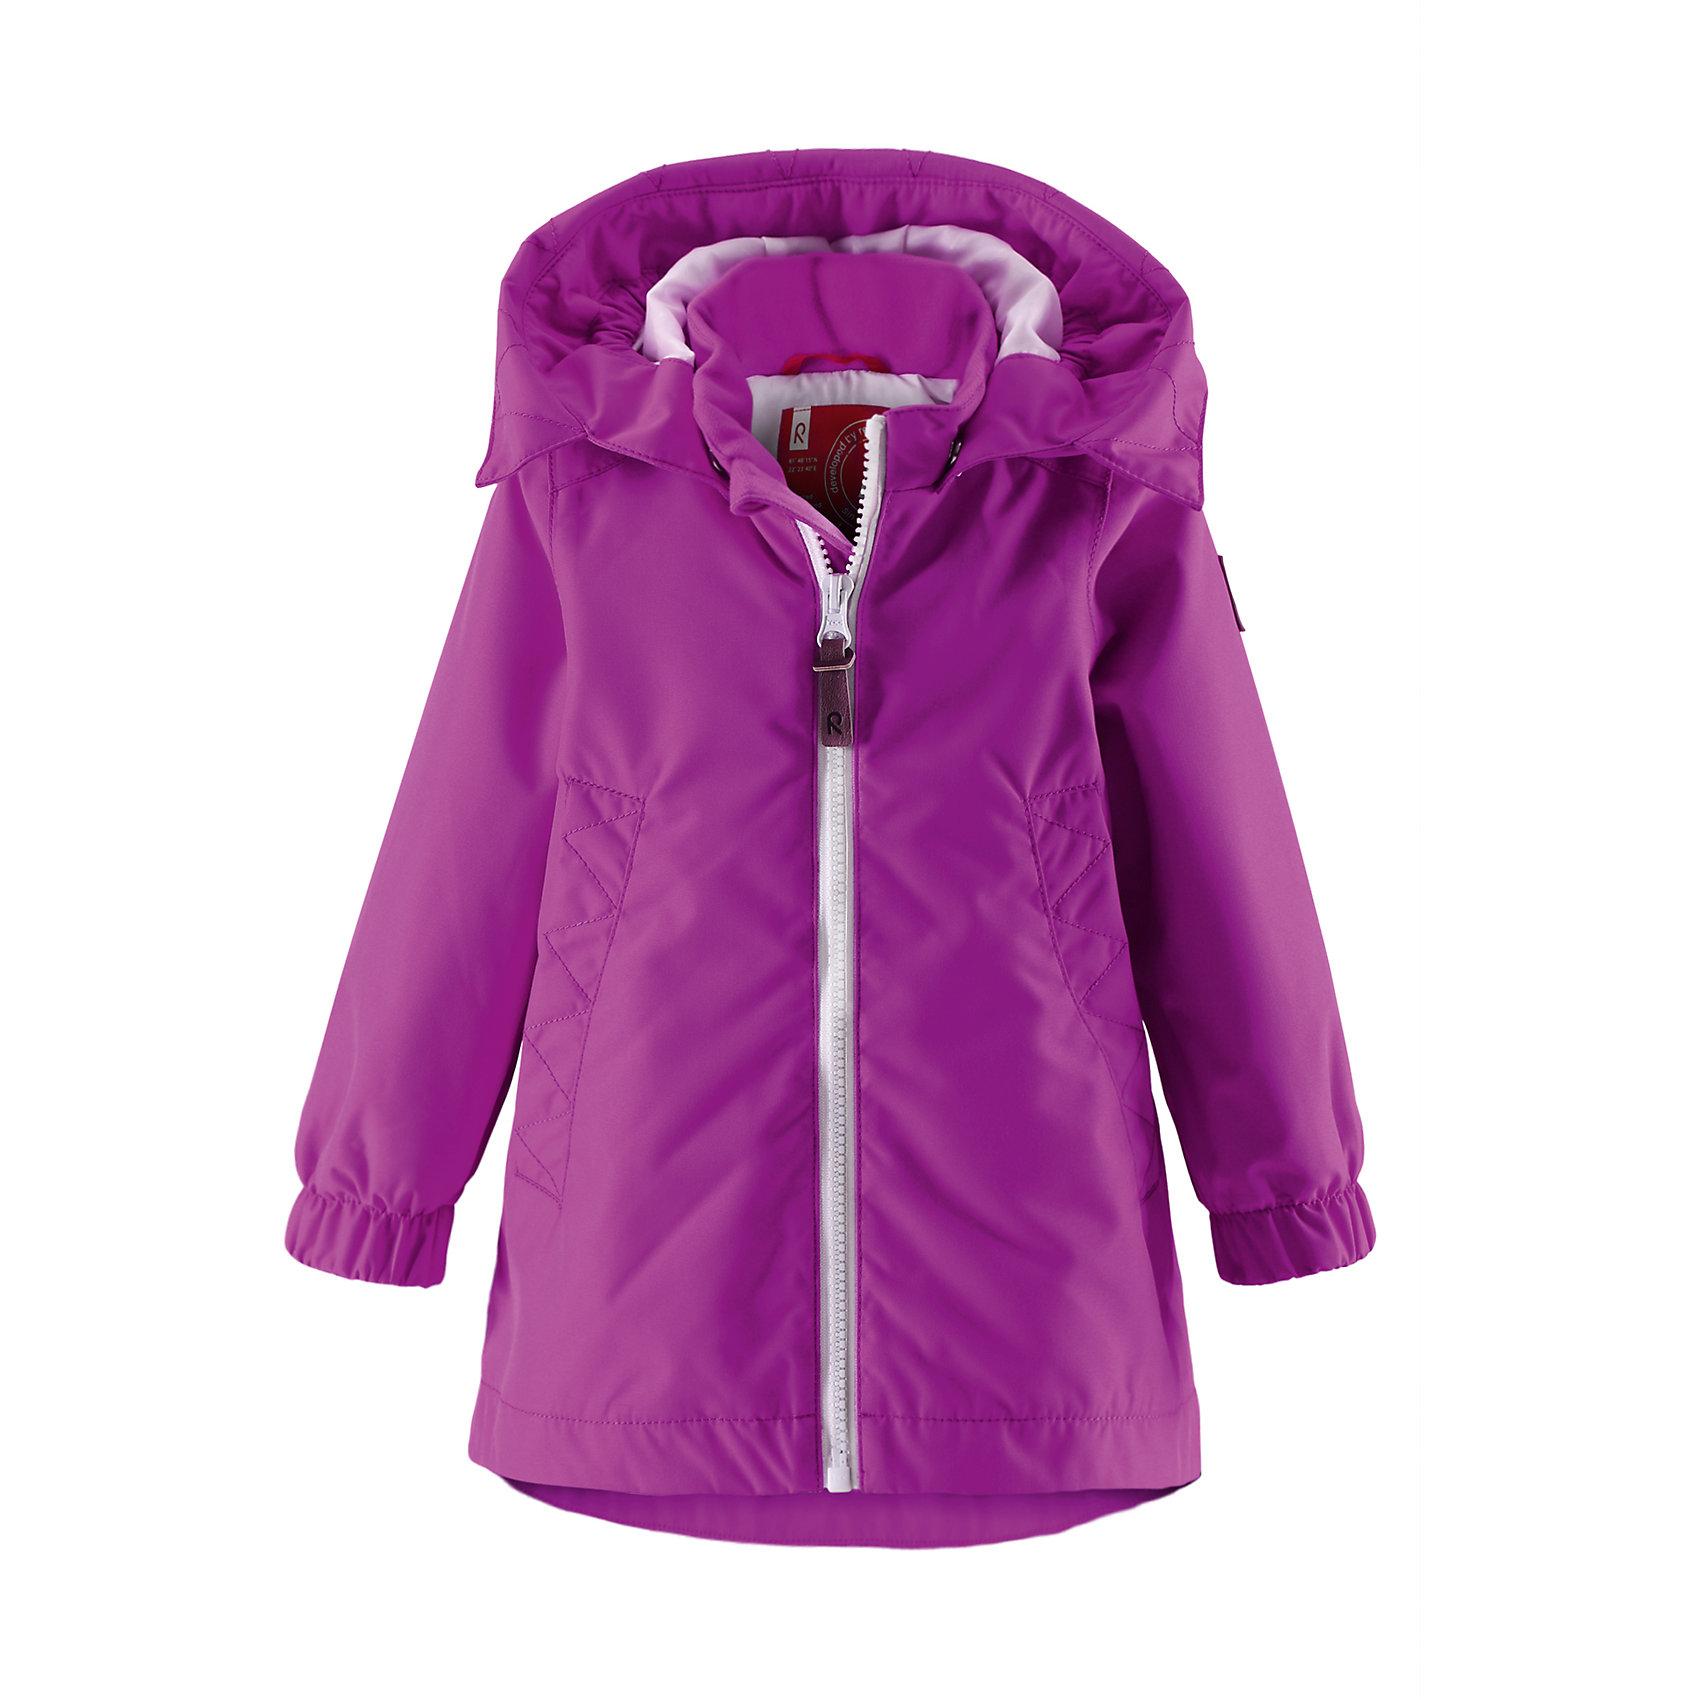 Куртка для девочки ReimaЯркая, удобная в уходе, водоотталкивающая демисезонная куртка для малышей. Основные швы проклеены, поэтому ребенок не промокнет под случайным дождем. Ветронепроницаемый материал также является грязеотталкивающим. Гладкая, удобная подкладка из полиэстера облегчает процесс одевания и не намокает от пота. отстегивающийся капюшон защищает от холодного ветра, а также является безопасным во время игр на свежем воздухе. На куртке имеется два кармана на молнии для маленьких «сокровищ», а светоотражающие детали обеспечивают безопасность в темное время суток.<br><br>Дополнительная информация:<br><br>Куртка демисезонная для малышей<br>Водонепроницаемость: 10000 мм<br>Основные швы проклеены и не пропускают влагу<br>Водоотталкивающий, ветронепроницаемый, «дышащий» и грязеотталкивающий материал<br>Гладкая подкладка из полиэстра<br>Безопасный, съемный капюшон<br>Два кармана на молнии<br>Безопасные светоотражающие детали<br>Состав:<br>100% ПЭ, ПУ-покрытие<br>Уход:<br>Стирать по отдельности, вывернув наизнанку. Застегнуть молнии и липучки. Стирать моющим средством, не содержащим отбеливающие вещества. Полоскать без специального средства. Во избежание изменения цвета изделие необходимо вынуть из стиральной машинки незамедлительно после окончания программы стирки. Сушить при низкой температуре.<br><br>Ширина мм: 356<br>Глубина мм: 10<br>Высота мм: 245<br>Вес г: 519<br>Цвет: розовый<br>Возраст от месяцев: 12<br>Возраст до месяцев: 18<br>Пол: Женский<br>Возраст: Детский<br>Размер: 86,74,92,98,80<br>SKU: 4497159